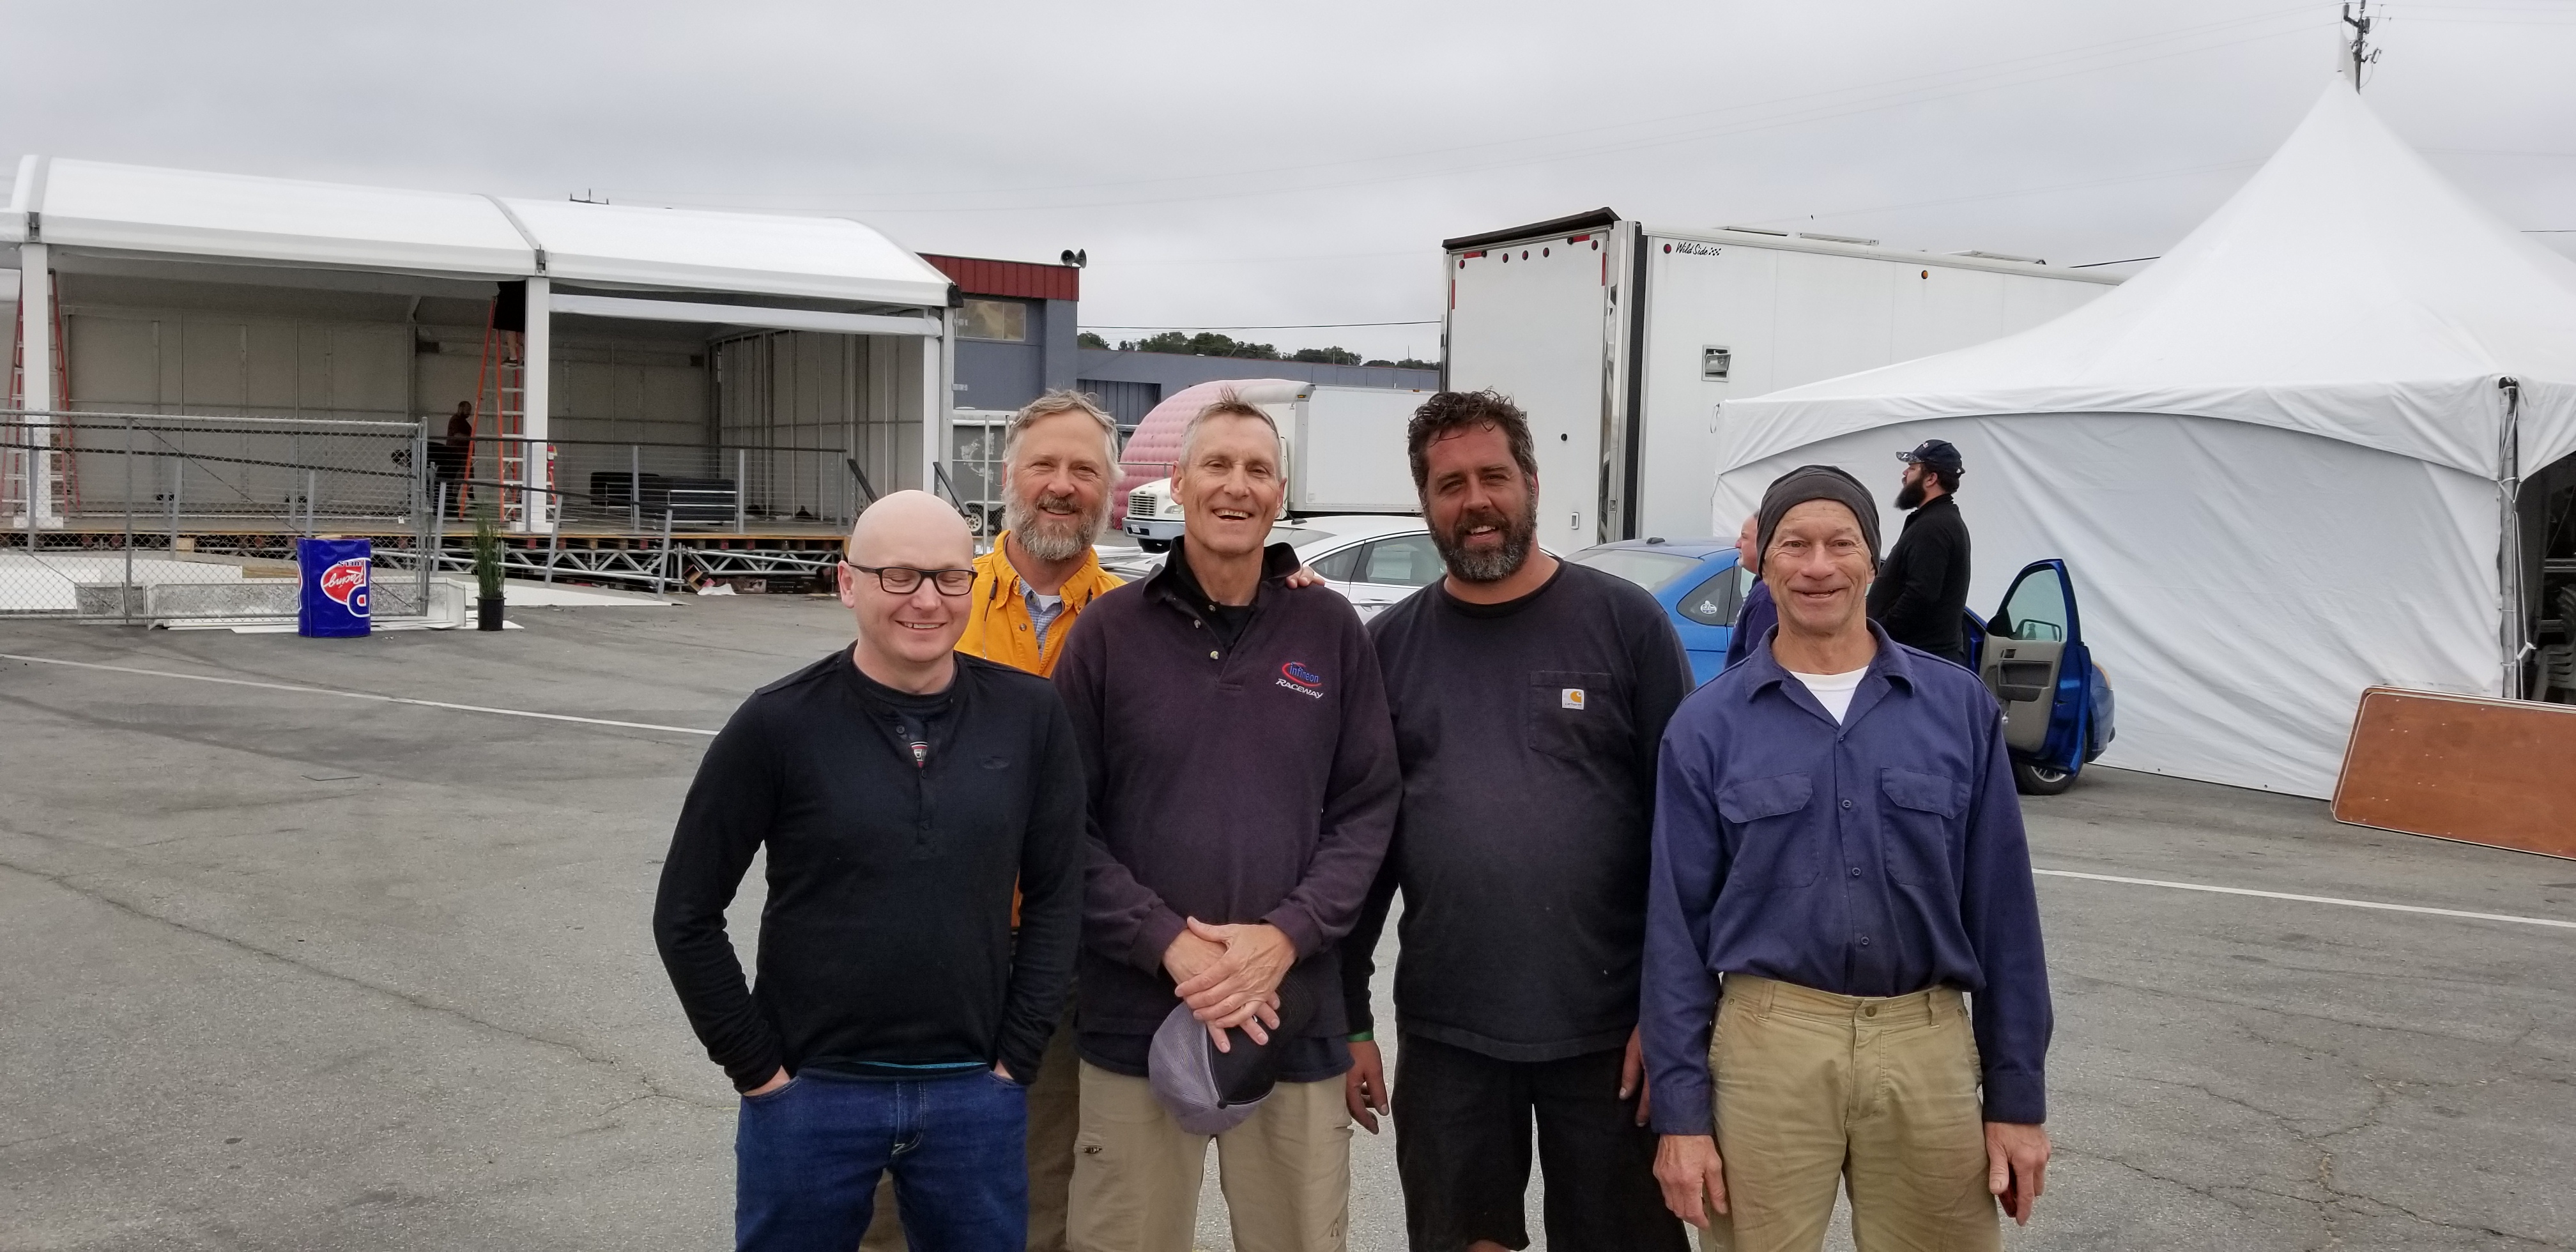 The 2018 Laguna Seca Crew